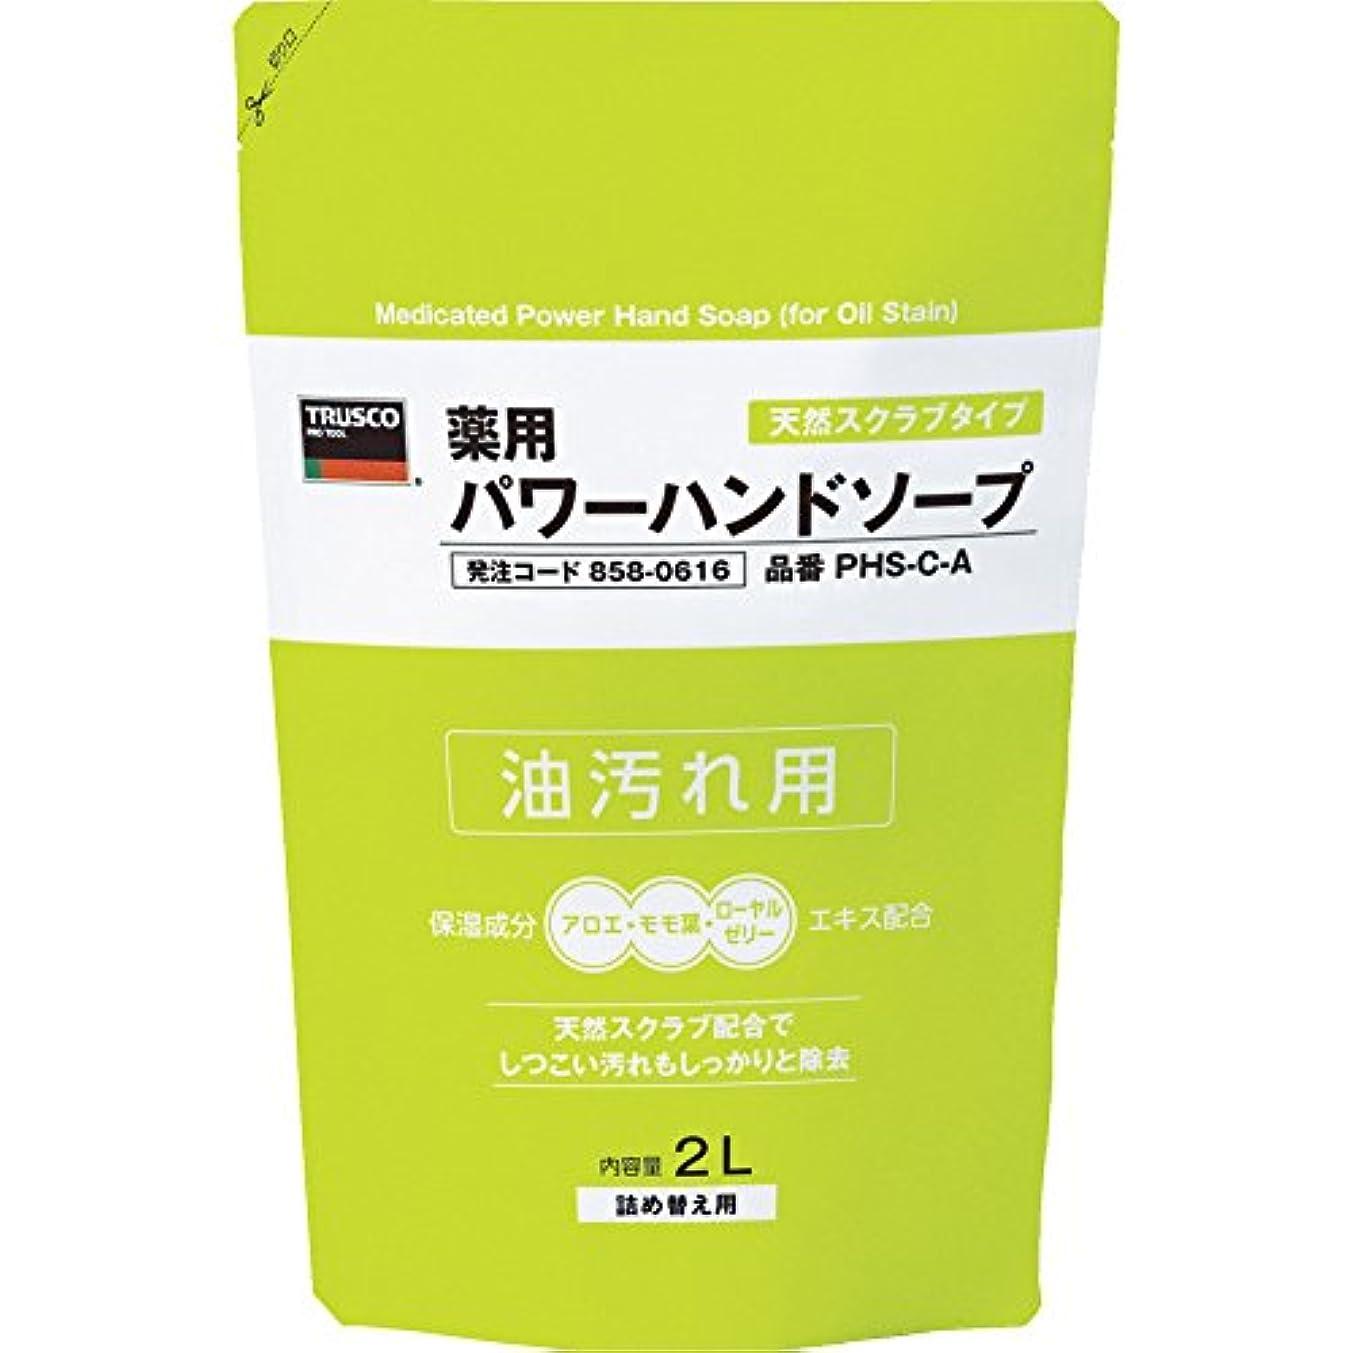 黒くする従う引き金TRUSCO(トラスコ) 薬用パワーハンドソープ 詰替パック 2.0L PHS-C-A